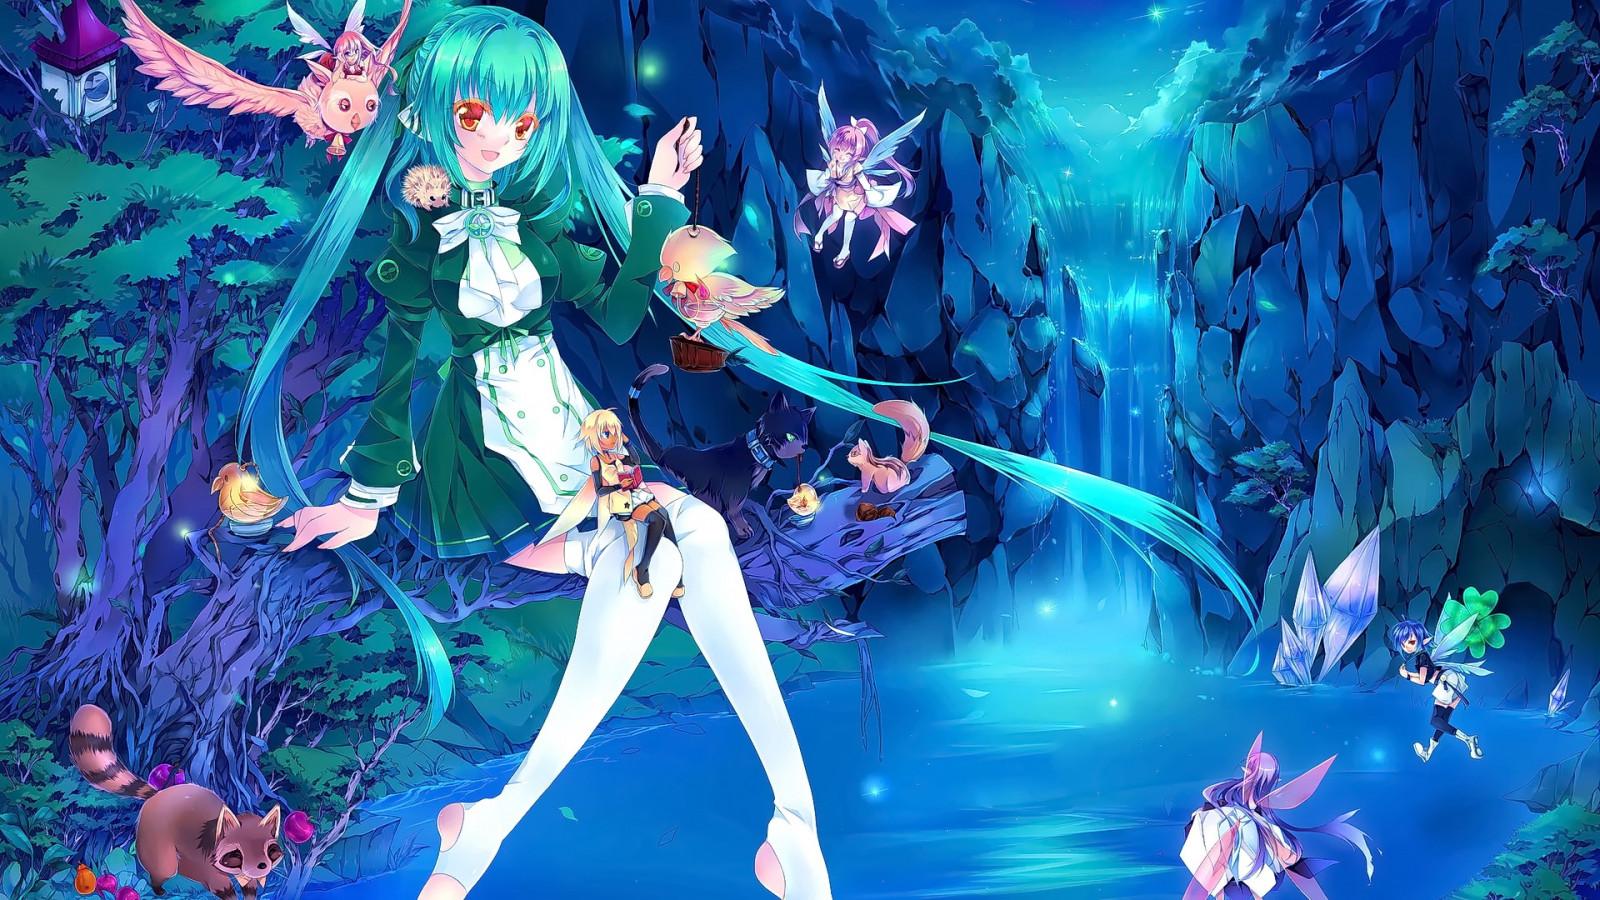 Картинка с аниме, принцессы картинках лет